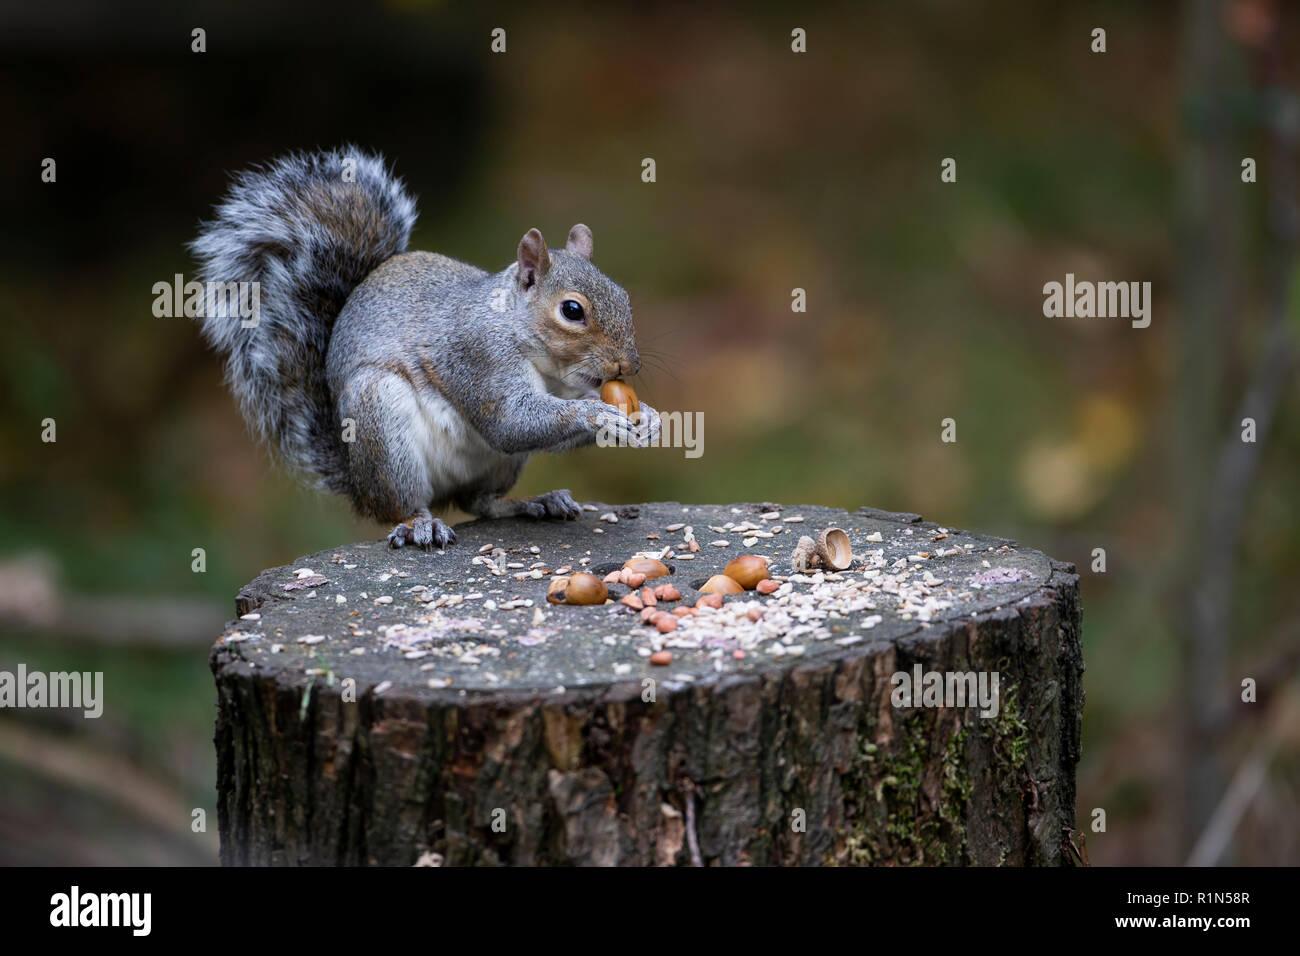 Scoiattolo grigio Sciurus carolinensis o orientale scoiattolo grigio seduto su un cibo coperto segati ceppo di albero e mangiare una ghianda. Immagini Stock